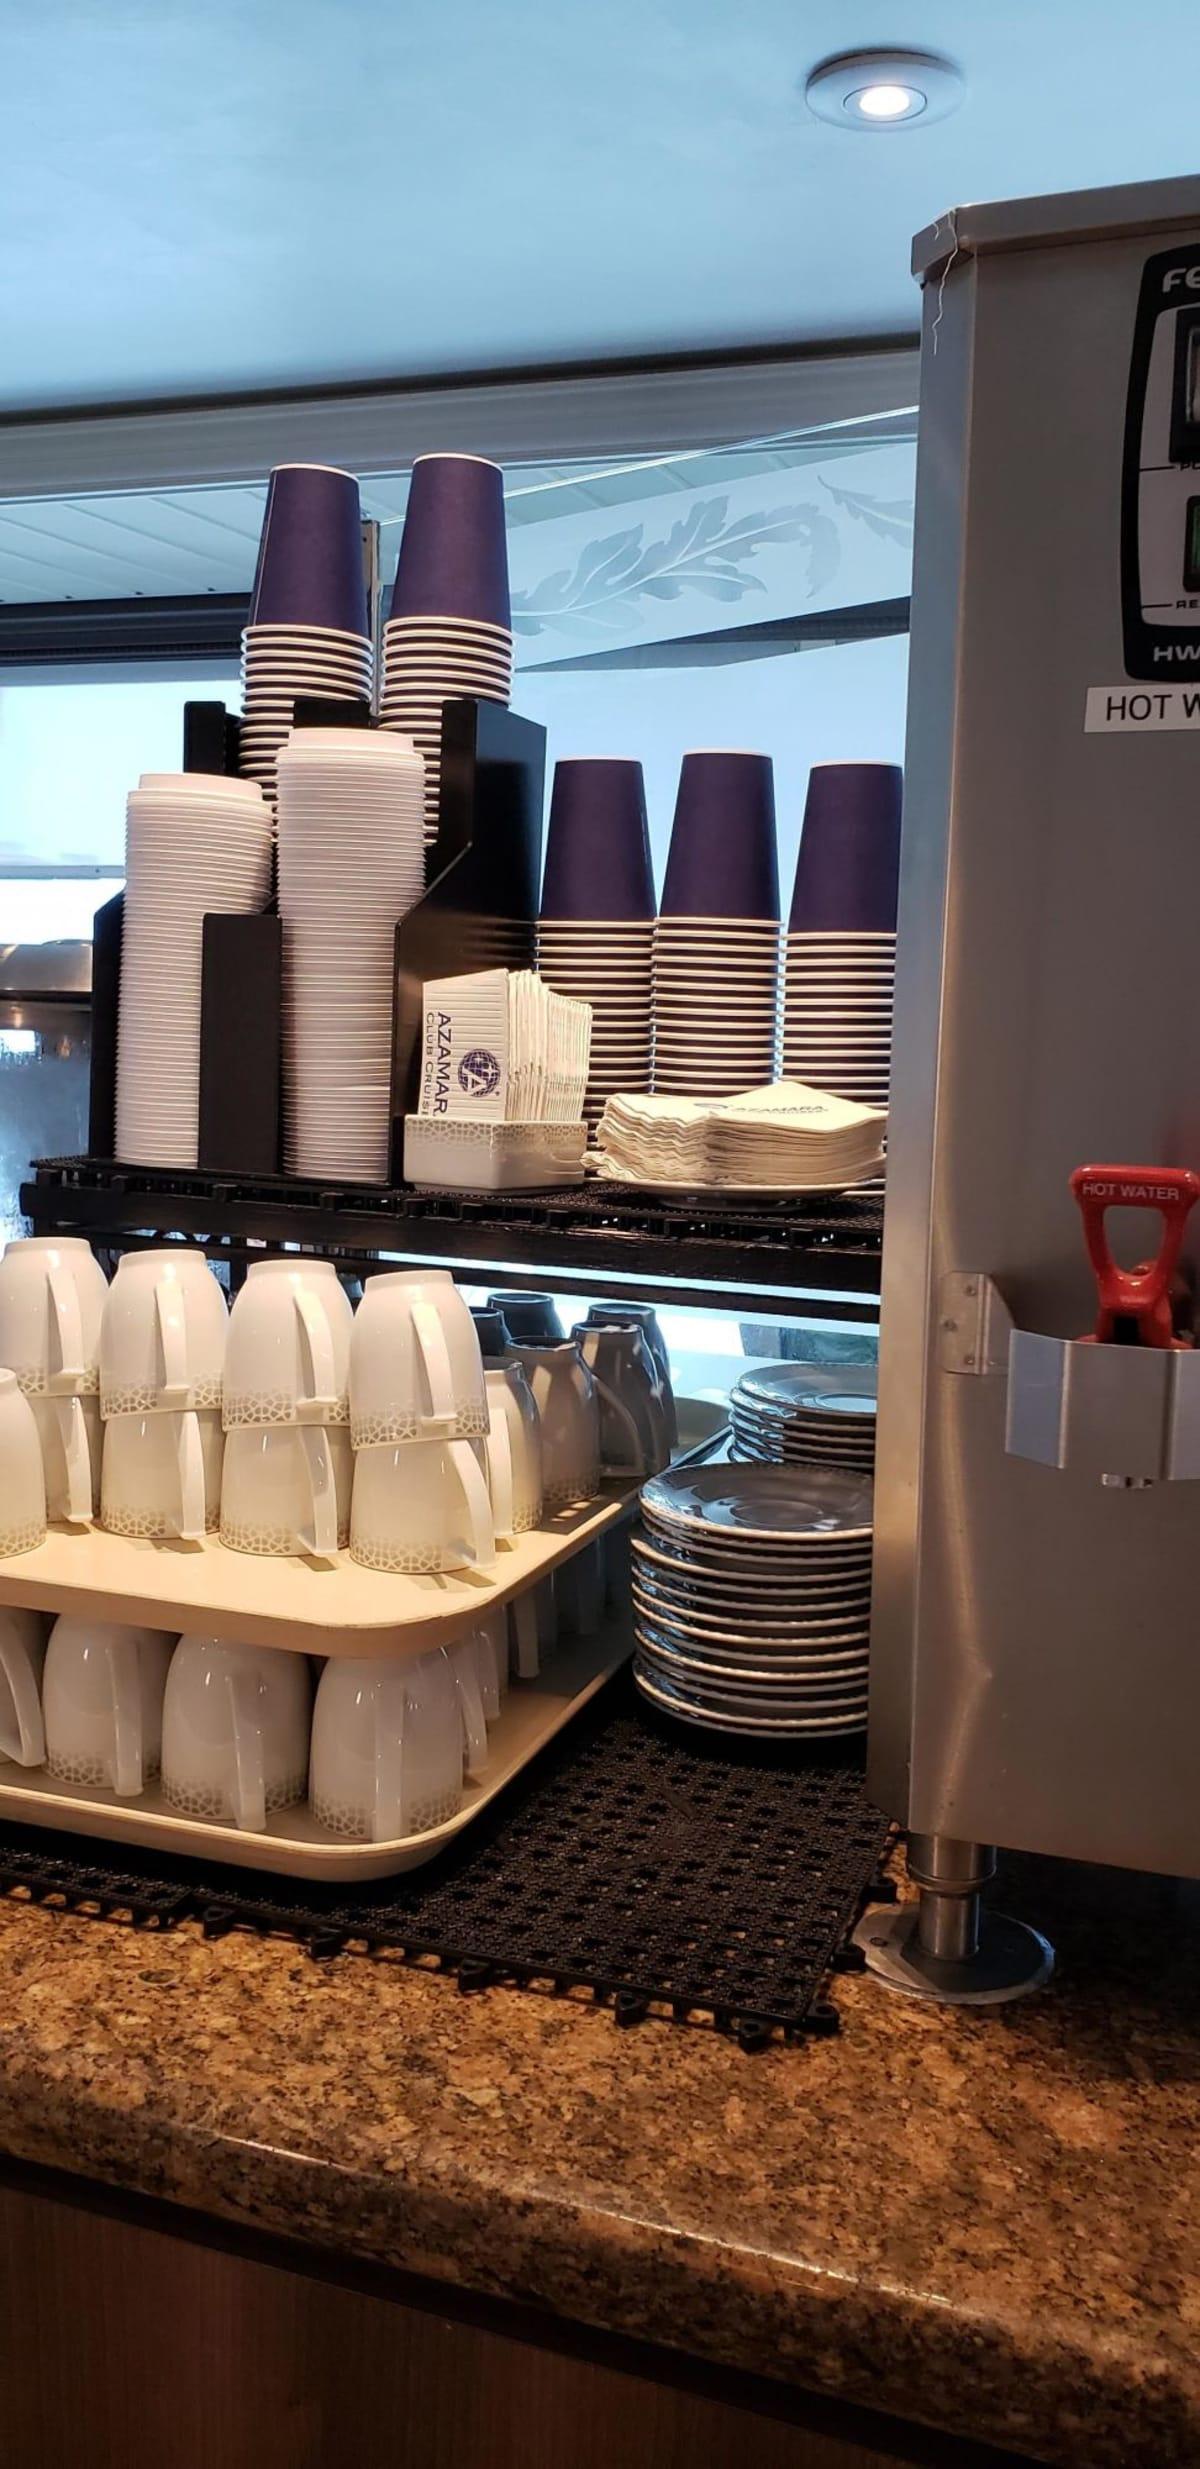 バフェのコーヒーコーナーもちあるけるふらつき紙カップの用意もあります